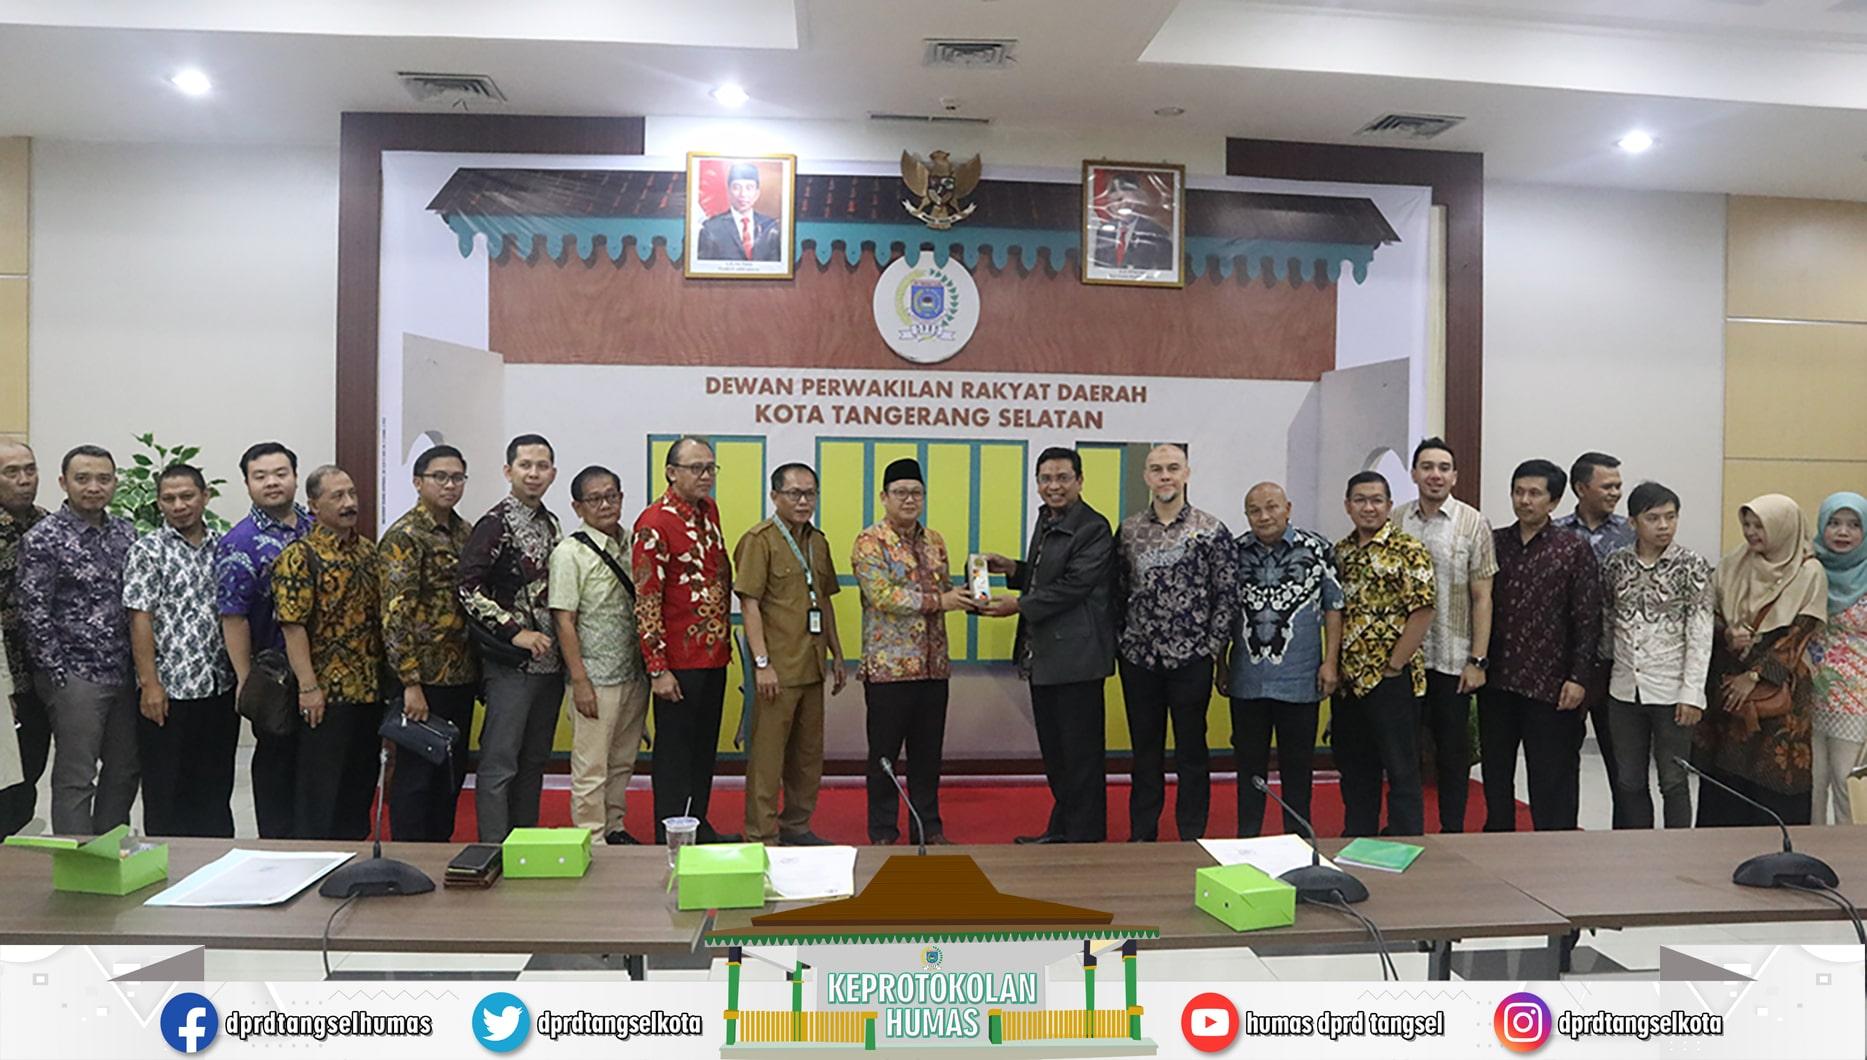 Ketua DPRD menerima Kunker dari Badan Musyawarah DPRD Kota Bandung